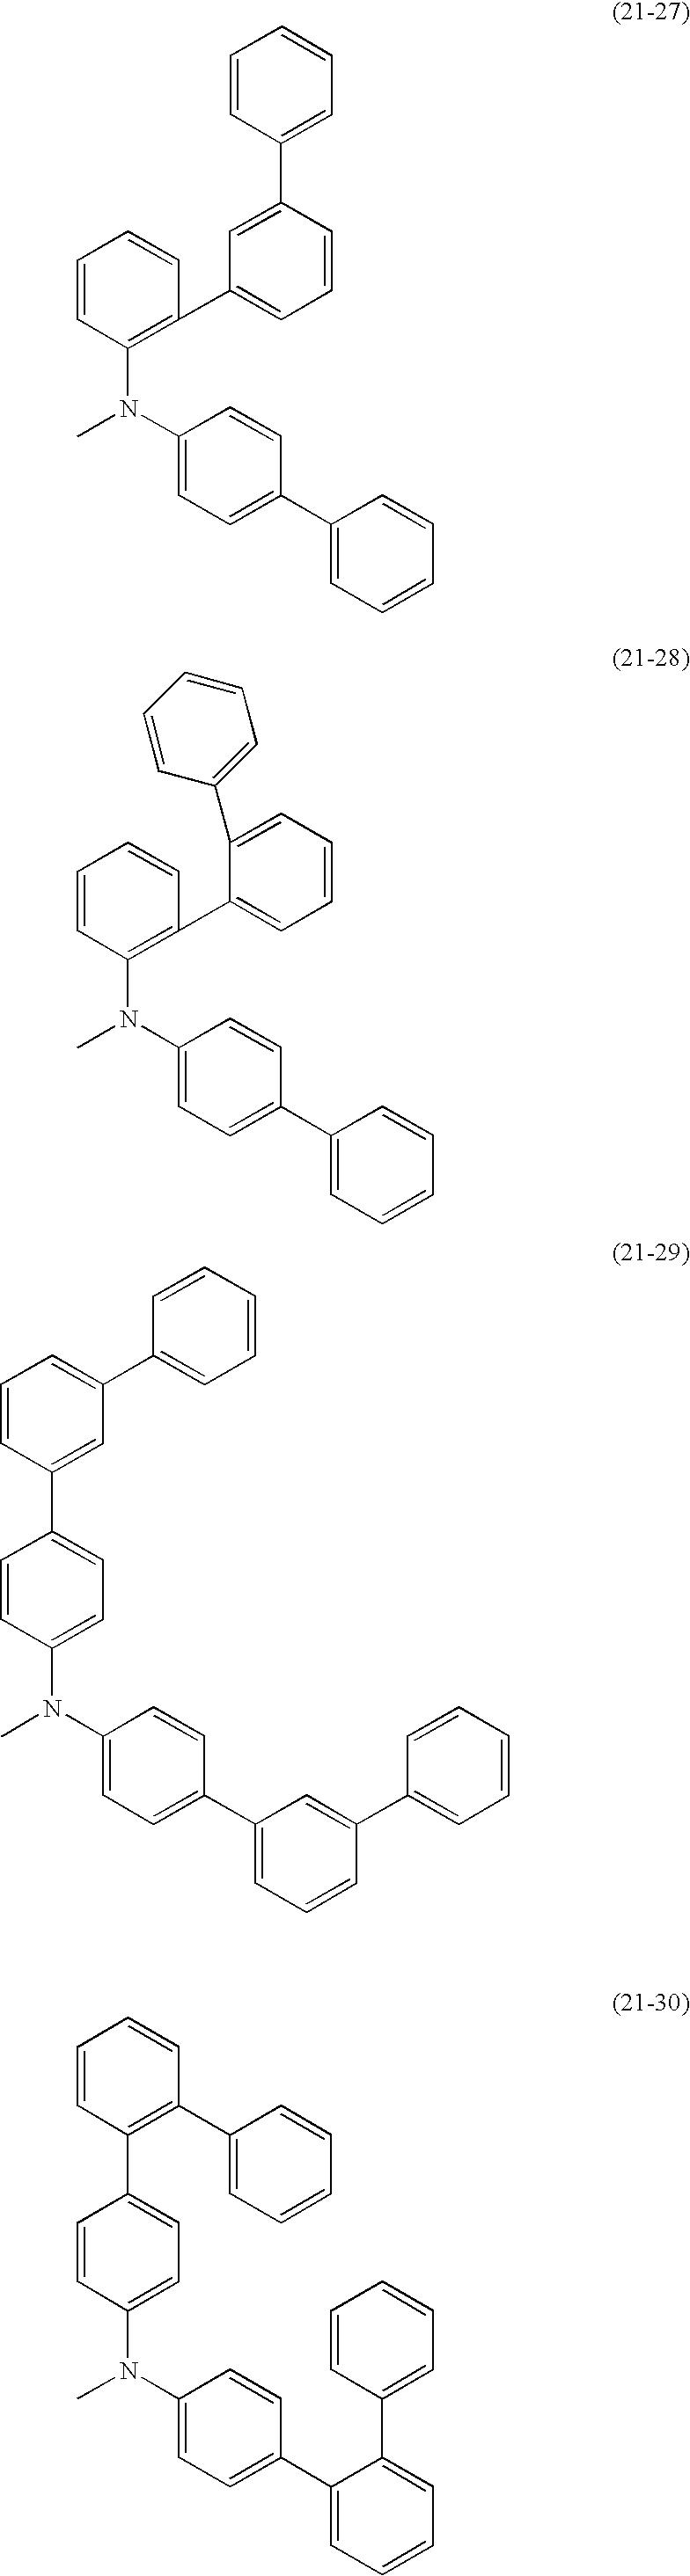 Figure US08178216-20120515-C00023